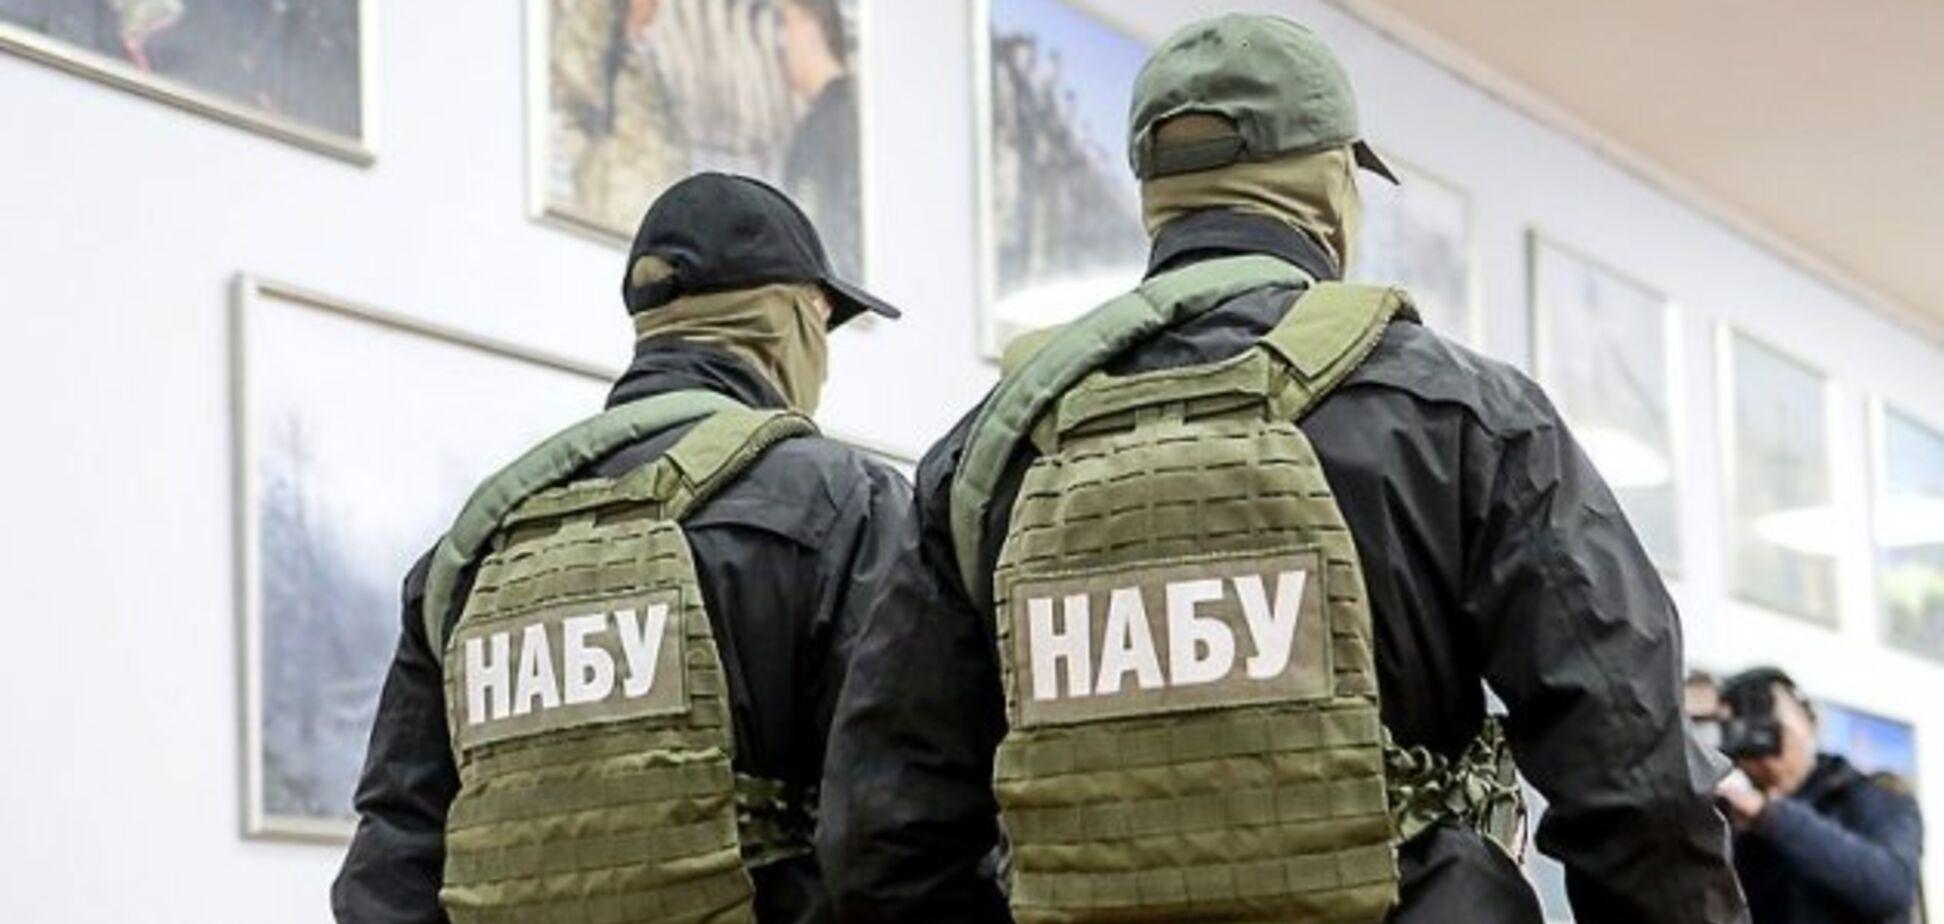 Борьба с коррупцией: детективы НАБУ сделали важный прорыв с судьями